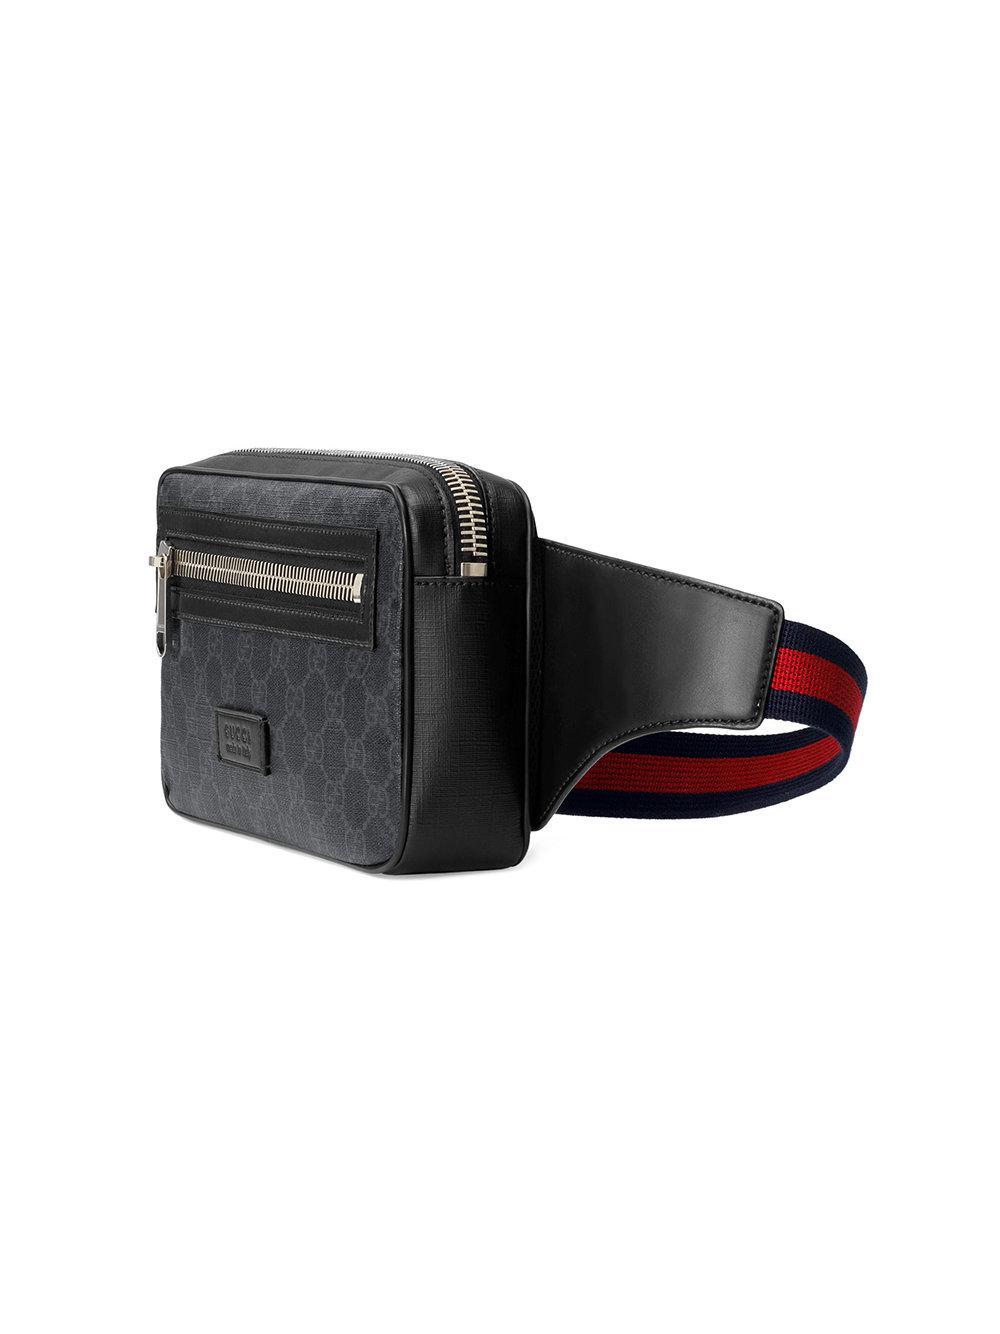 7d3a6df4dec6 Lyst - Sac ceinture en toile suprême GG souple Gucci pour homme en ...